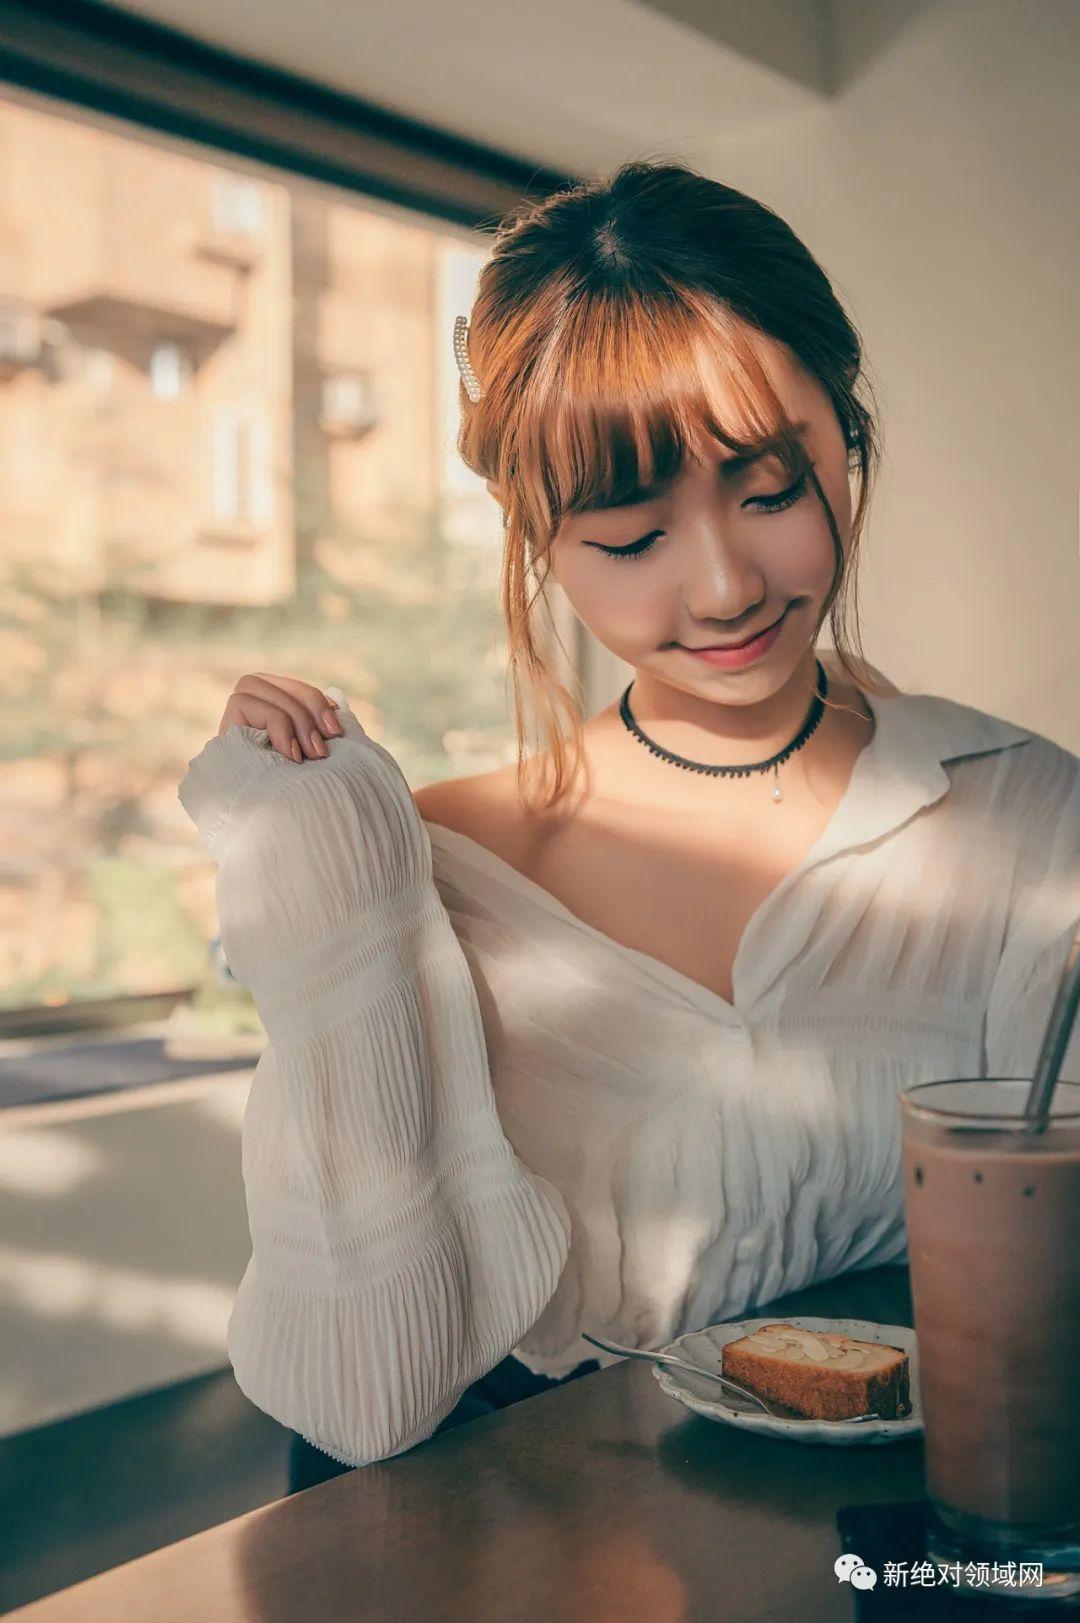 妹子摄影 – 半露的香肩,OL裙黑丝,性感的味道_图片 No.1